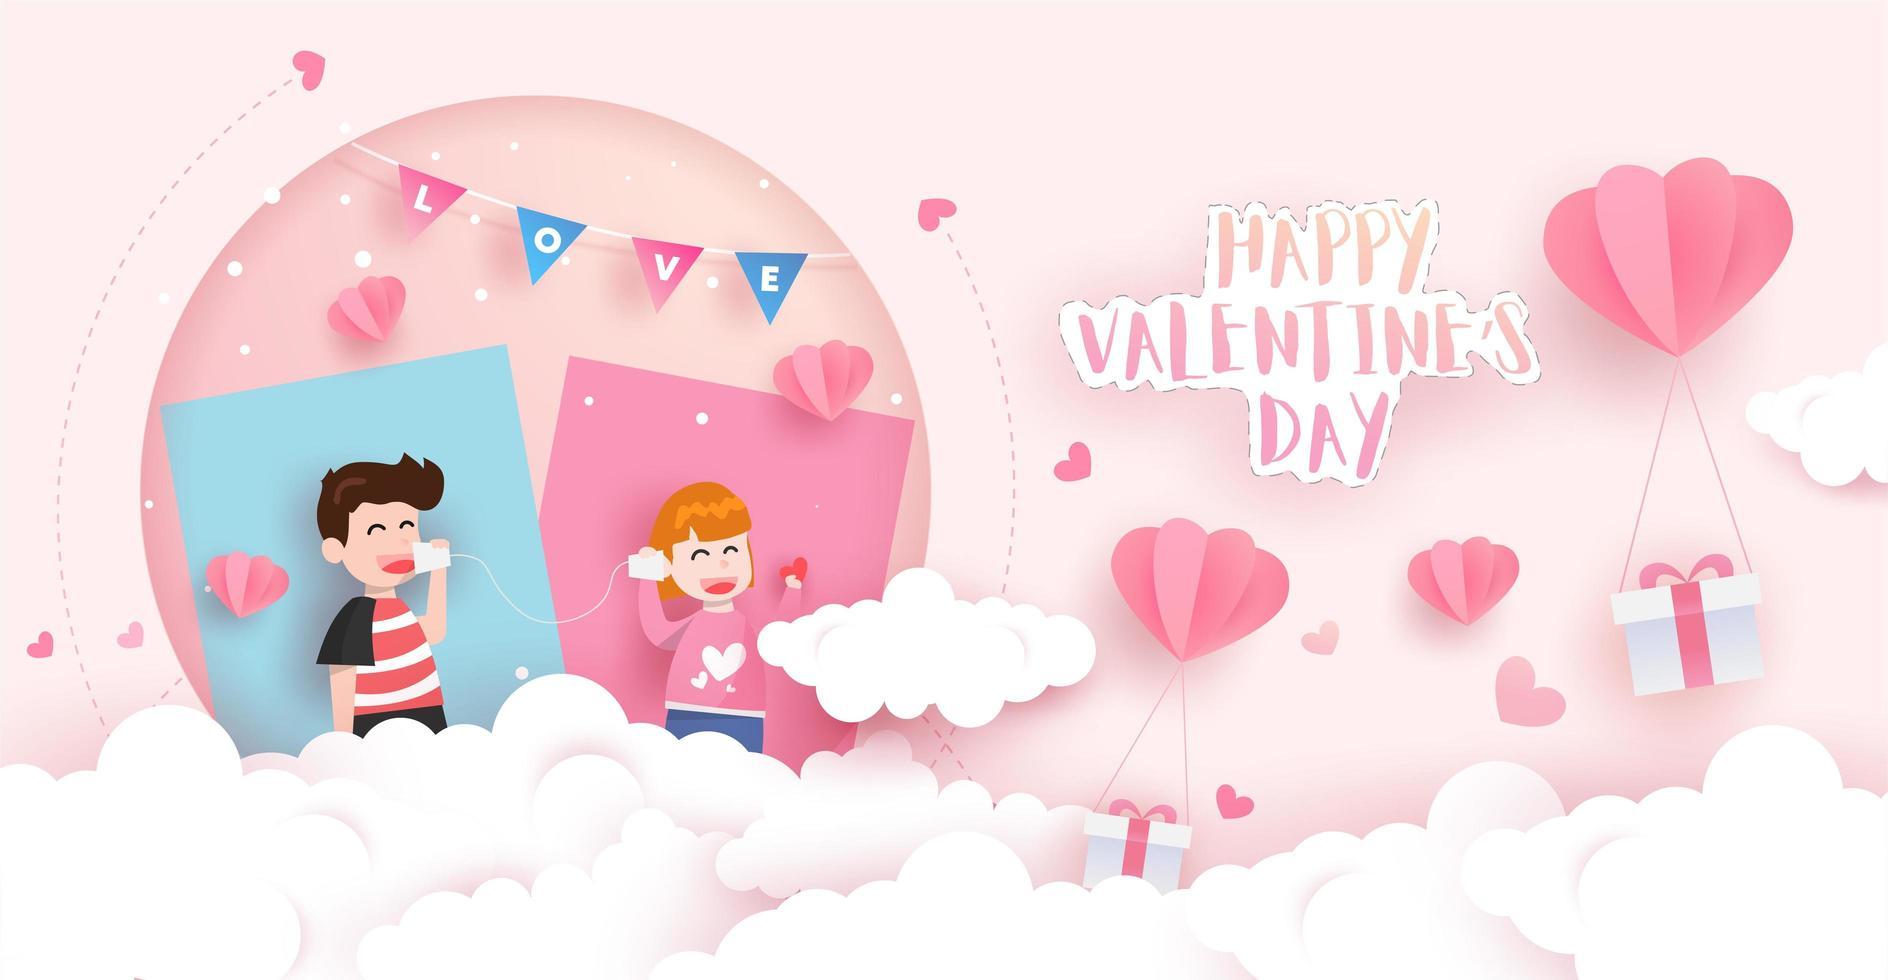 Die Karte des glücklichen Valentinsgrußes im Papierkunstdesign vektor